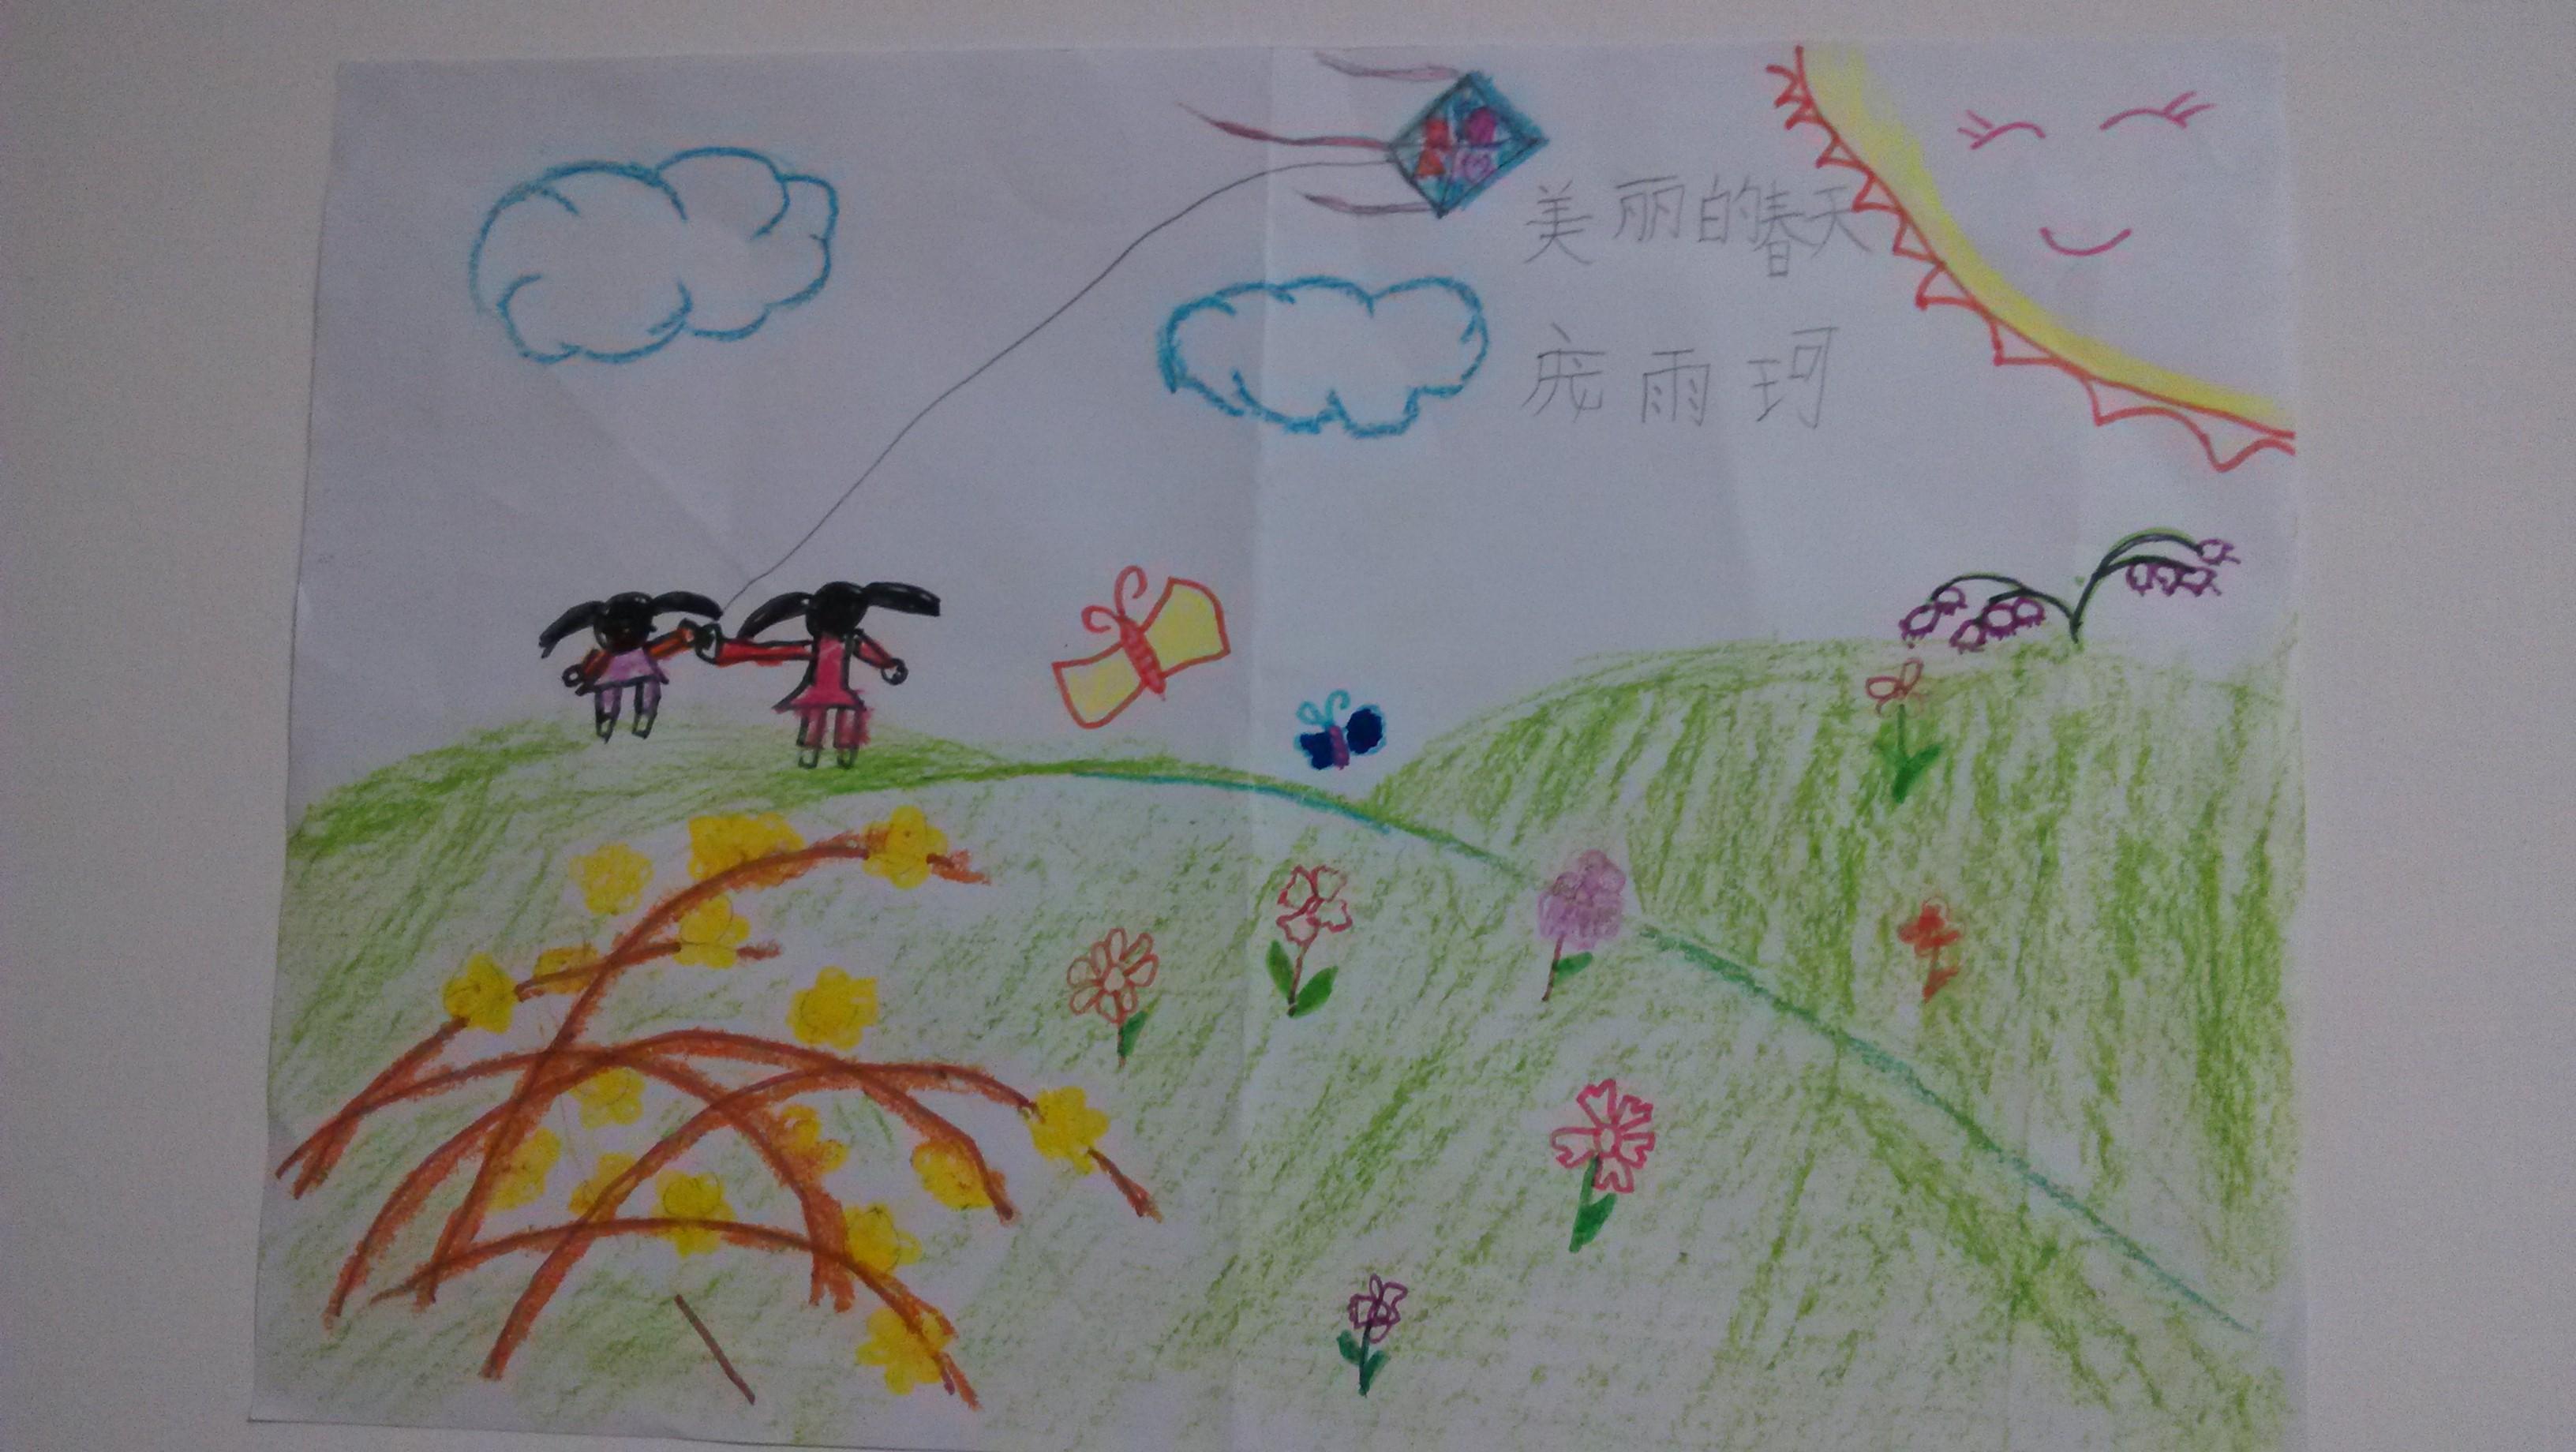 春天来了,小草绿了,迎春花开了,蝴蝶飞舞,我和朋友一起去放风筝.